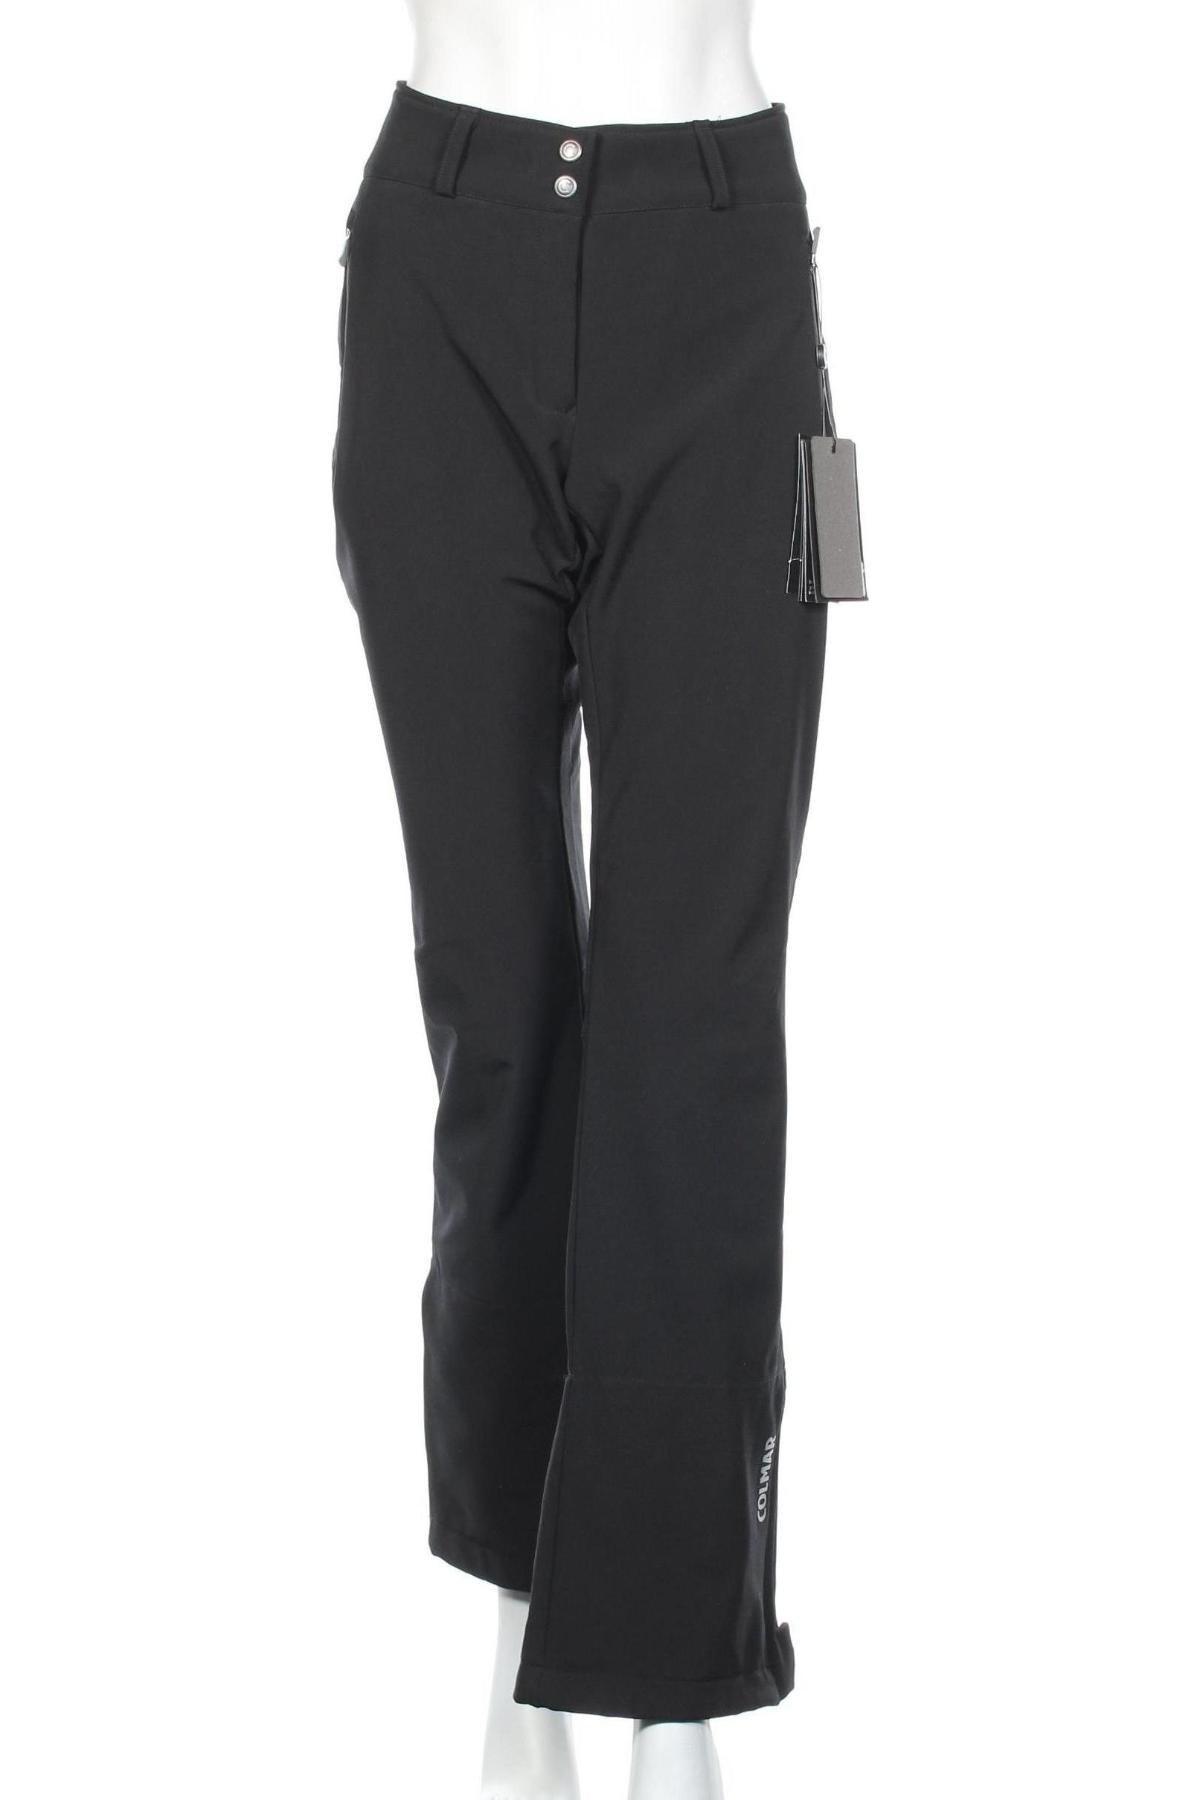 Дамски панталон за зимни спортове Colmar, Размер L, Цвят Черен, 93% полиестер, 7% еластан, Цена 164,50лв.